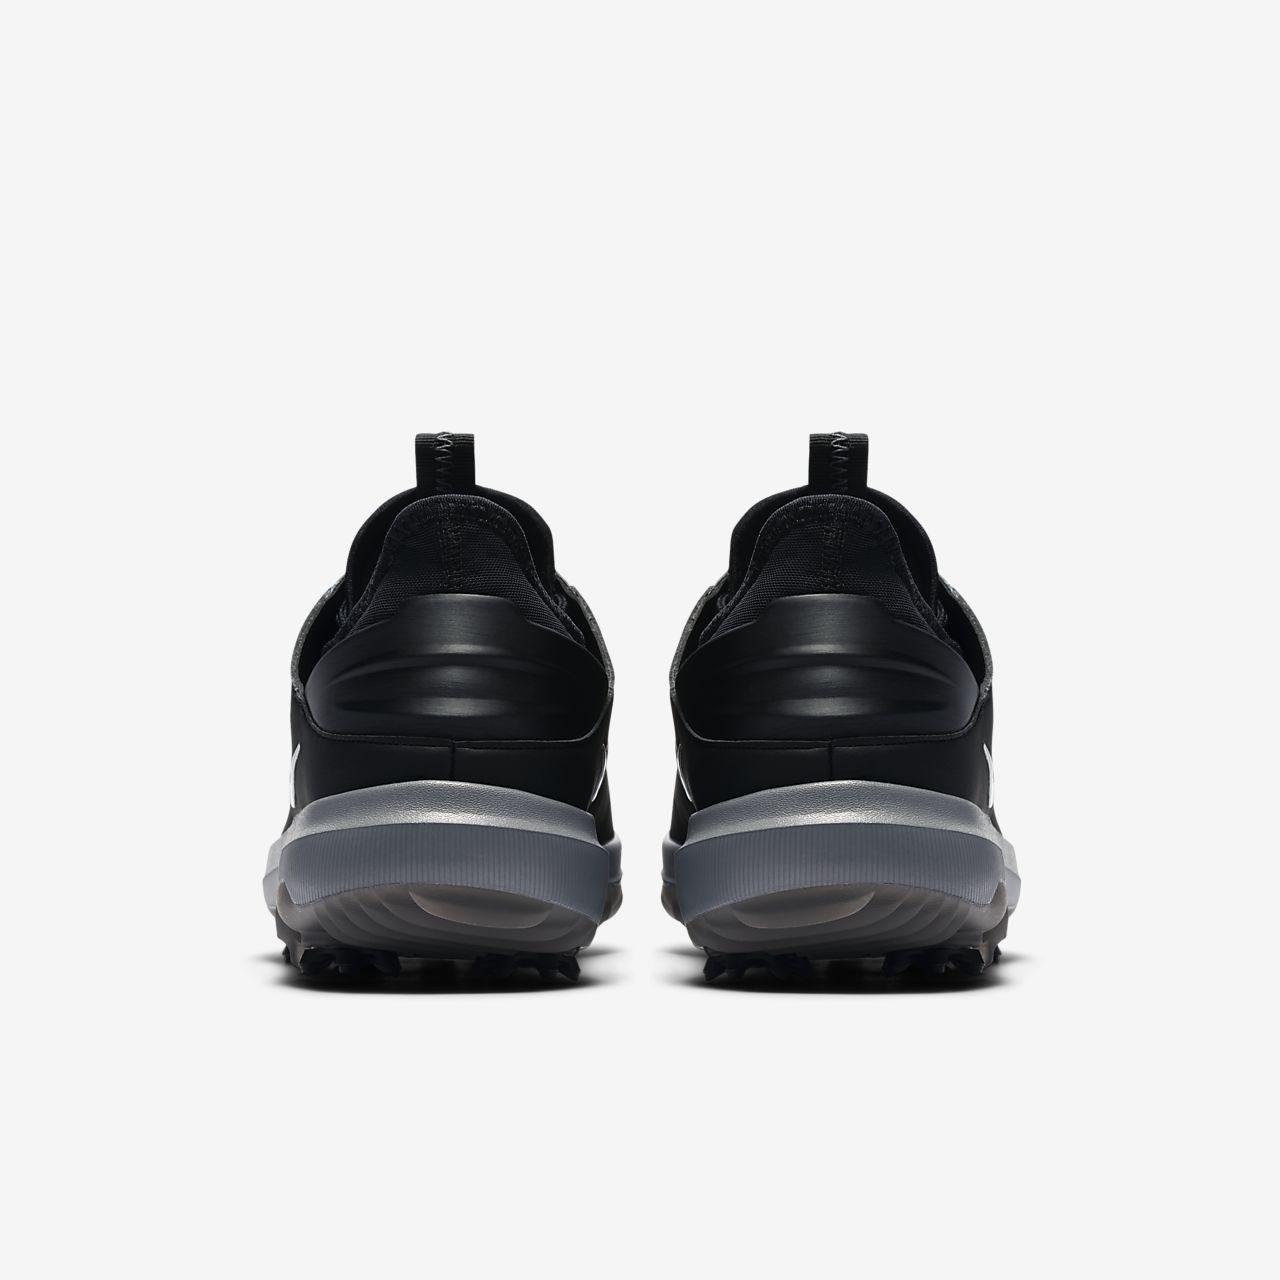 premium selection e7c0f 741d1 Chaussure de golf Nike Air Zoom Direct pour Homme. Nike.com CA